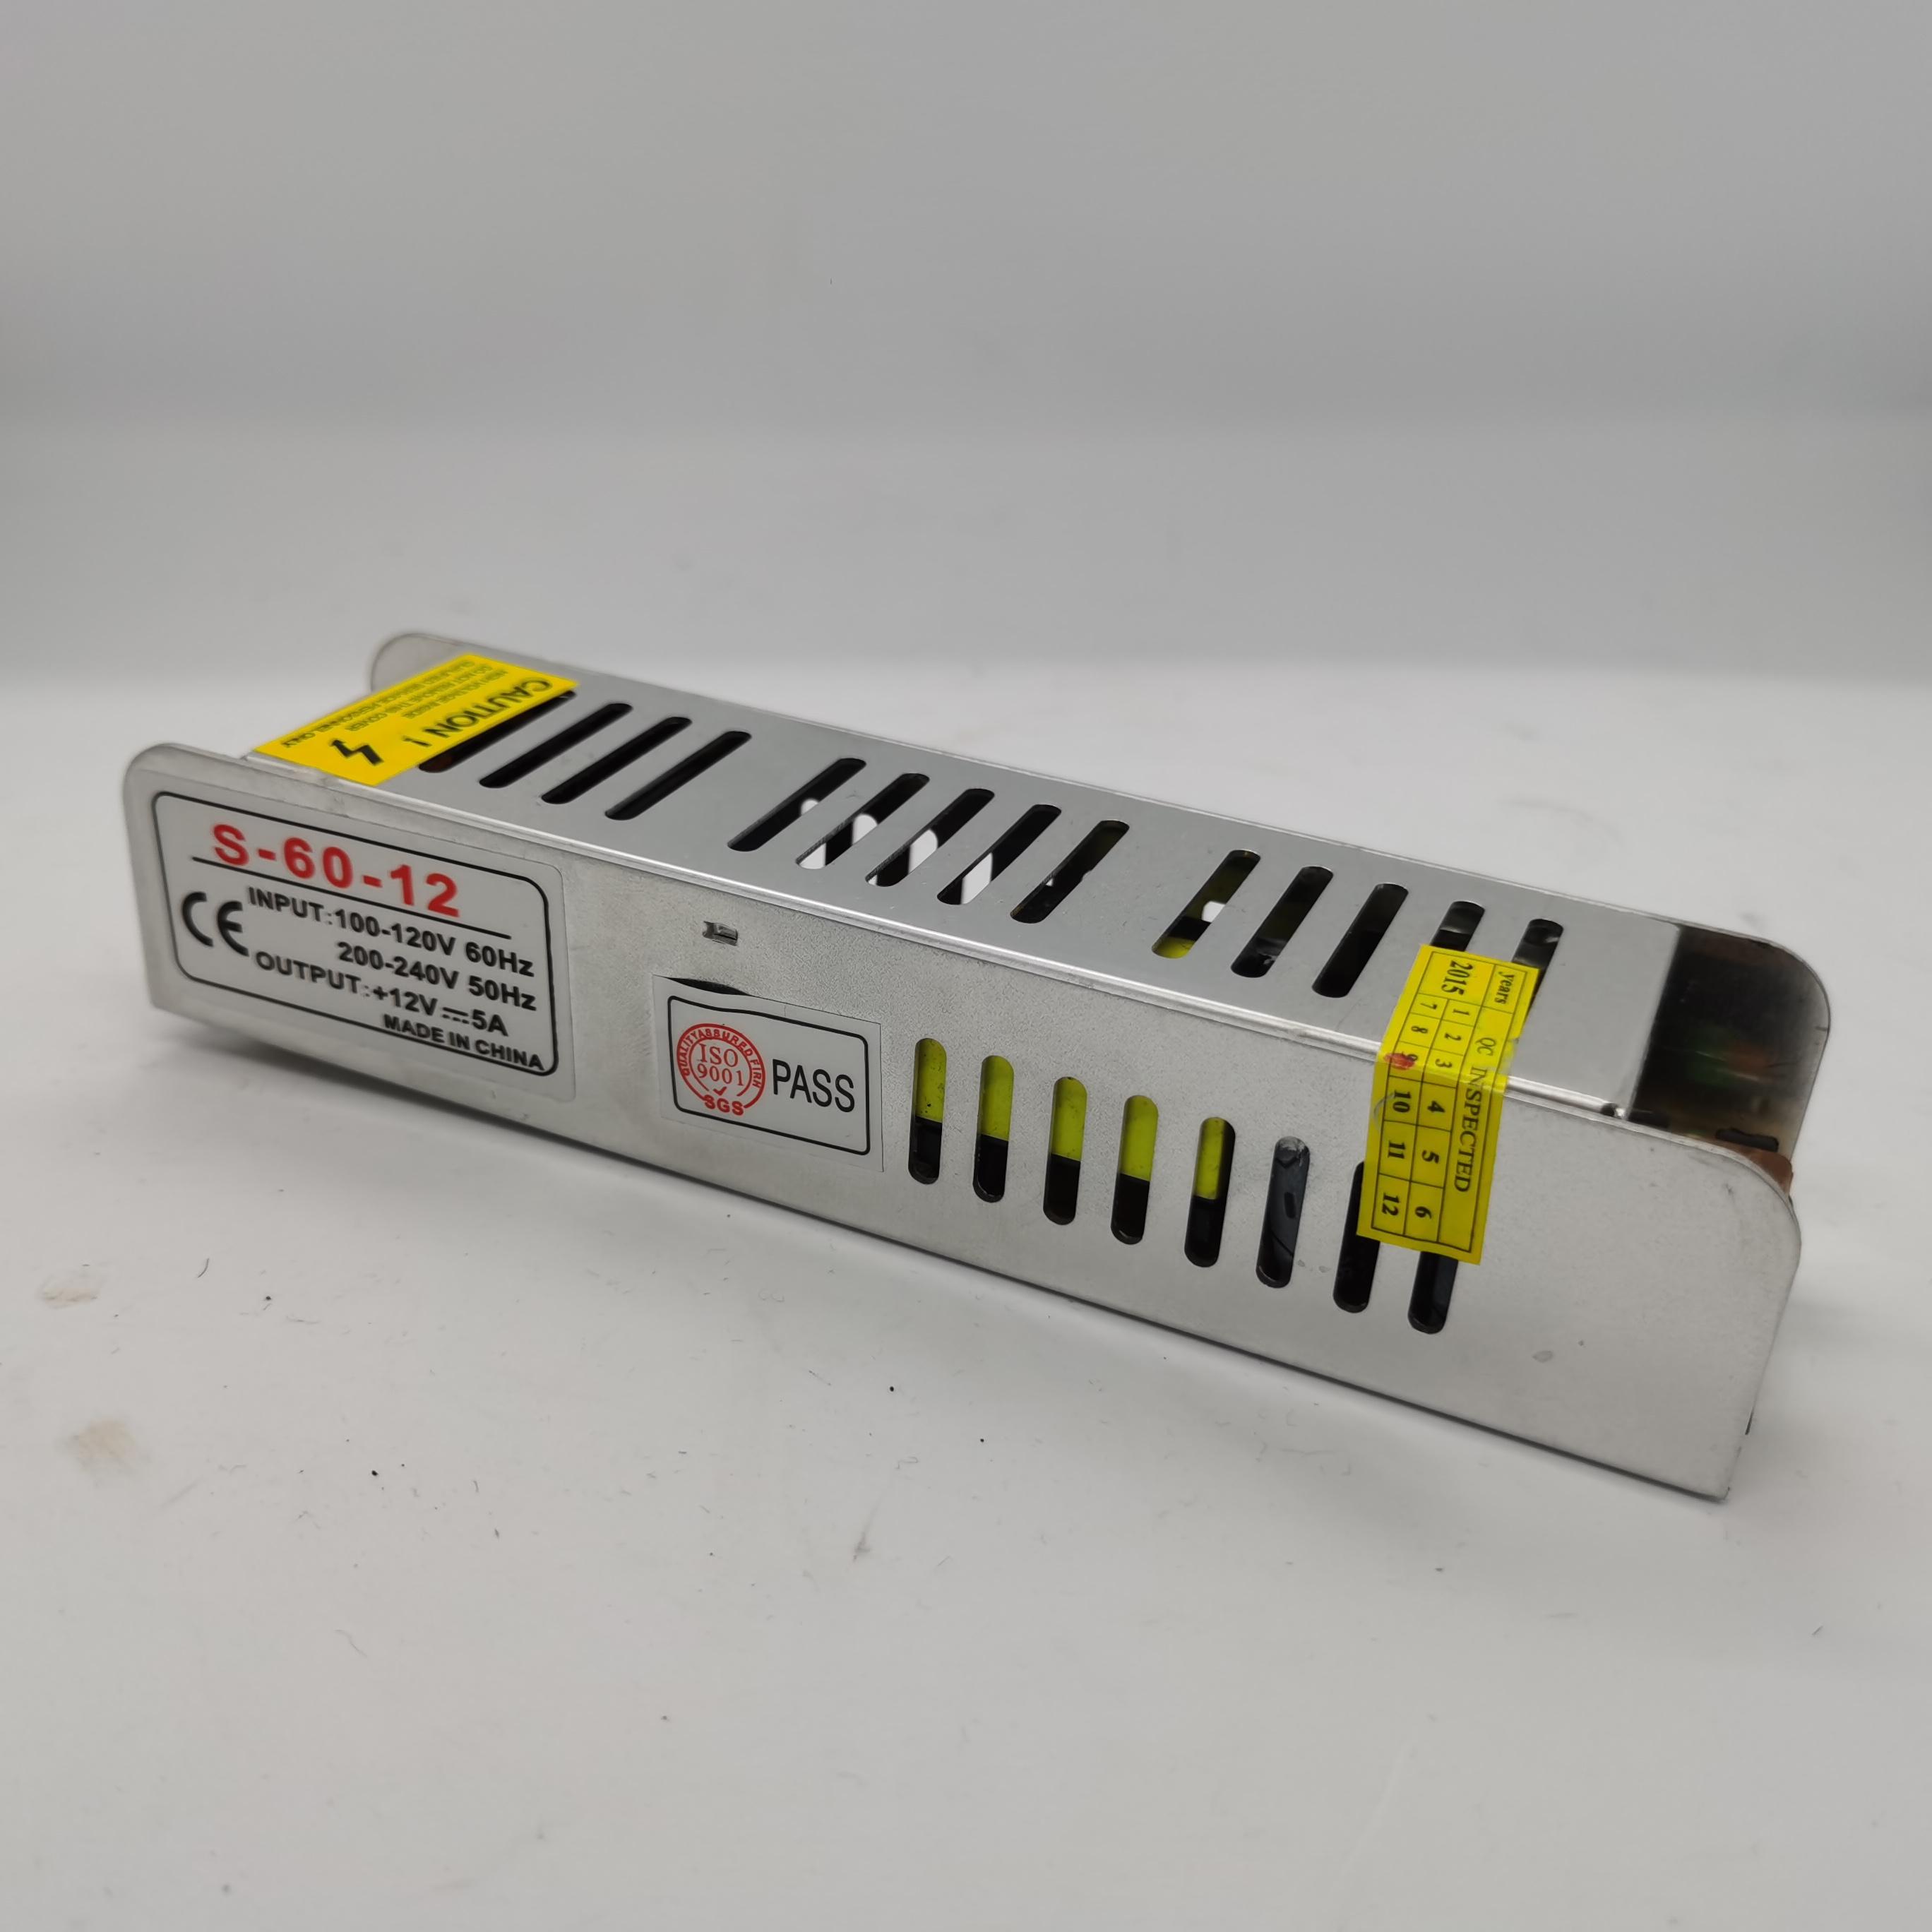 LED灯灯箱专用电源 DC 12V5A  LED长条开关电源 安防/适配器电源